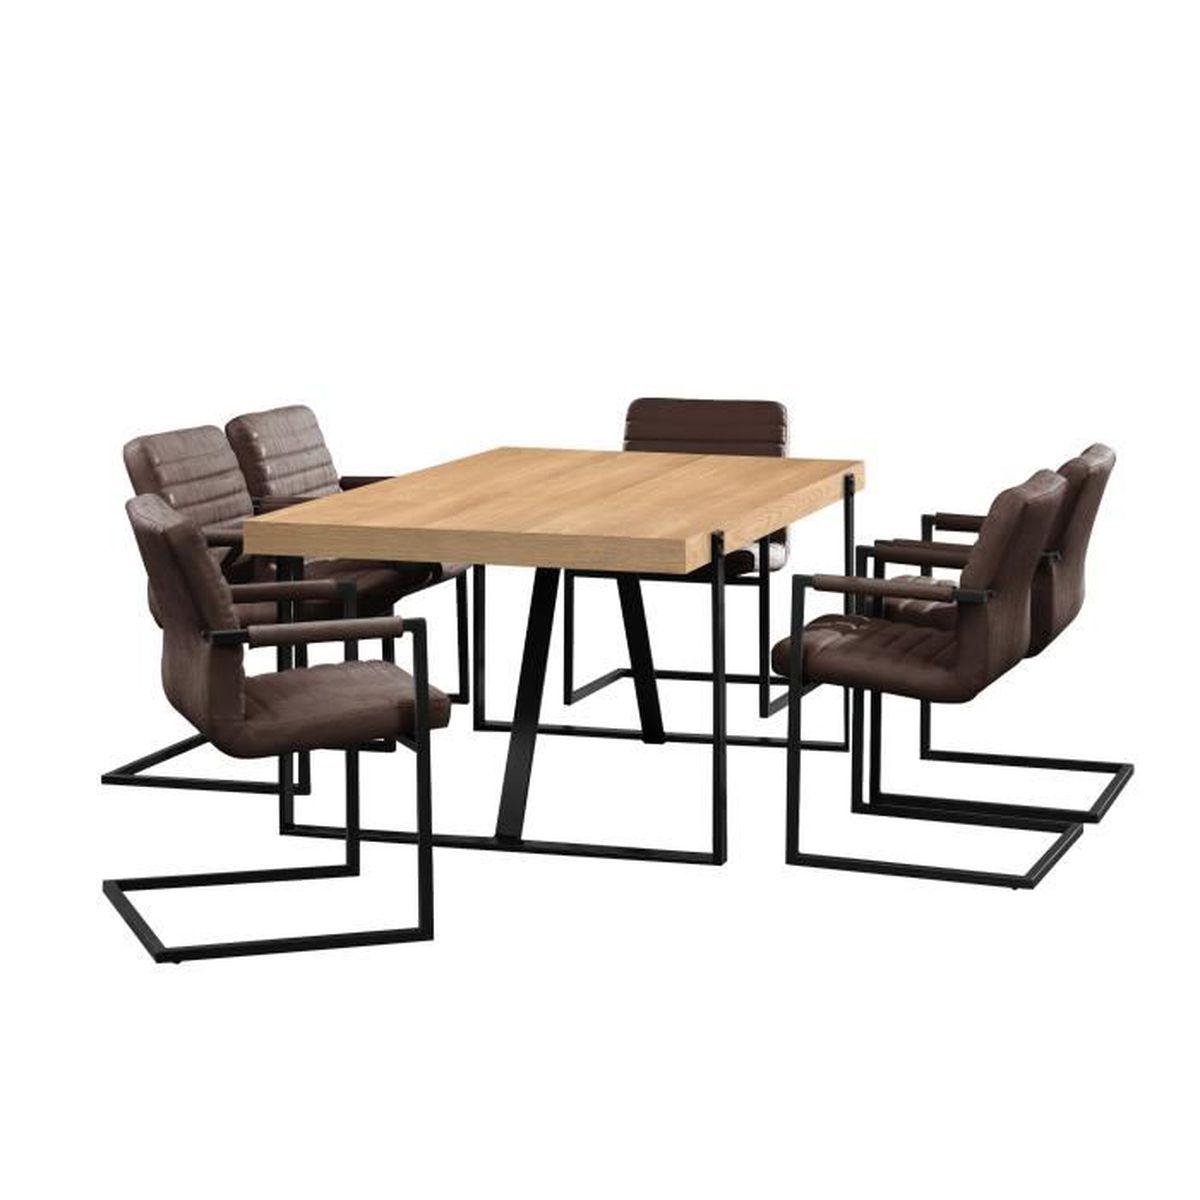 Table de salle manger ch ne naturel avec 6 - Table avec chaises encastrables ...